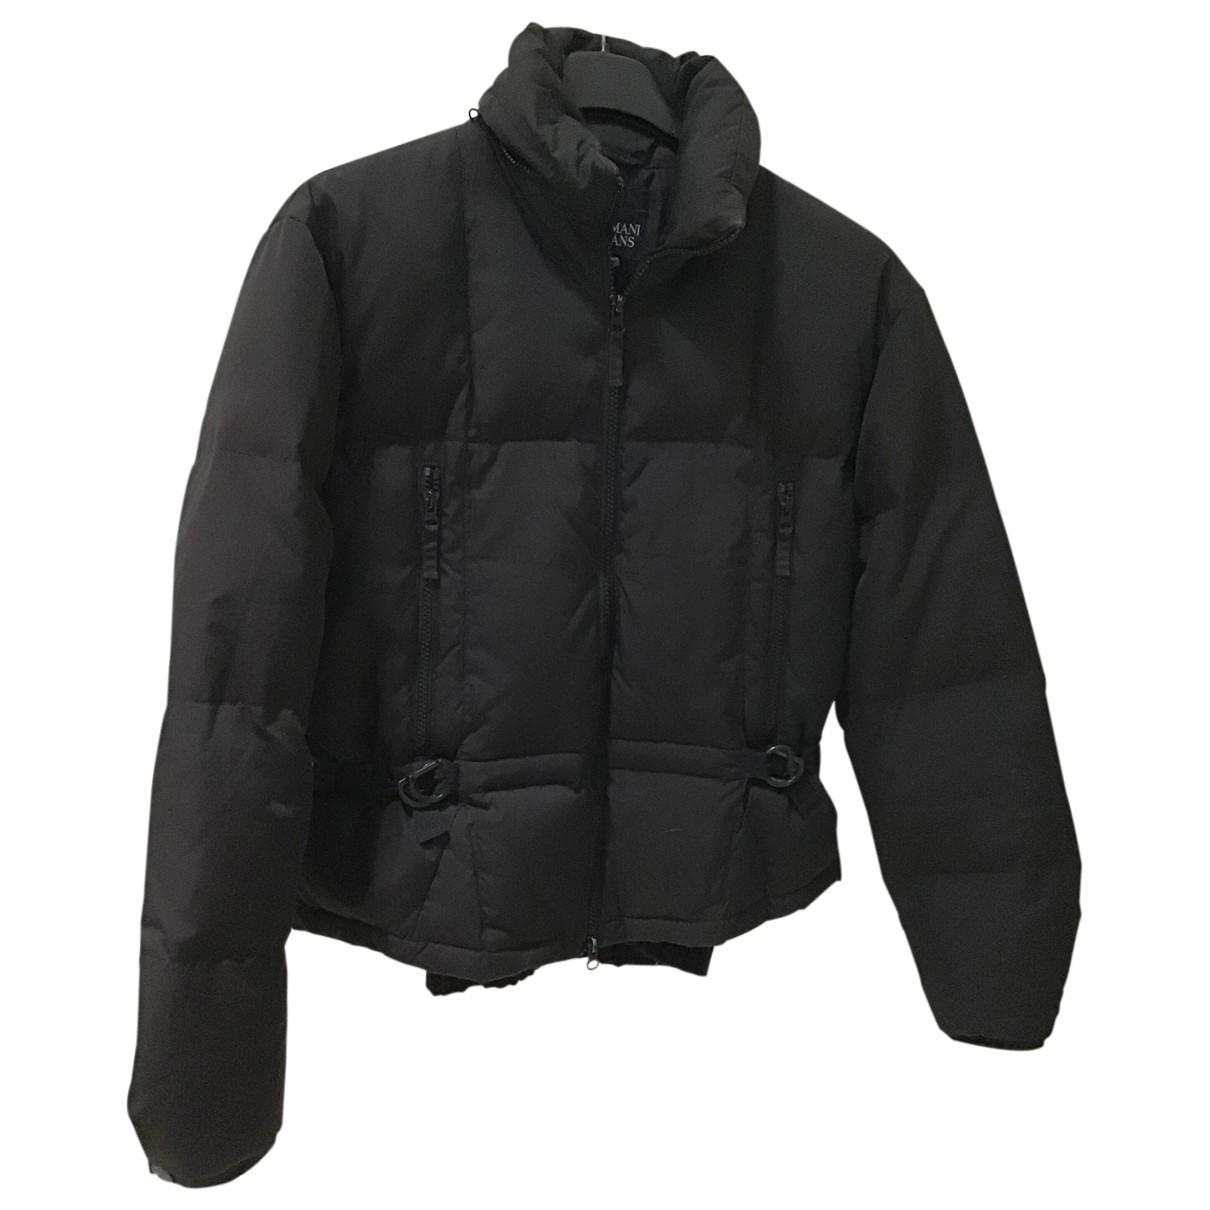 Armani Jeans \N Black jacket for Women 38 IT